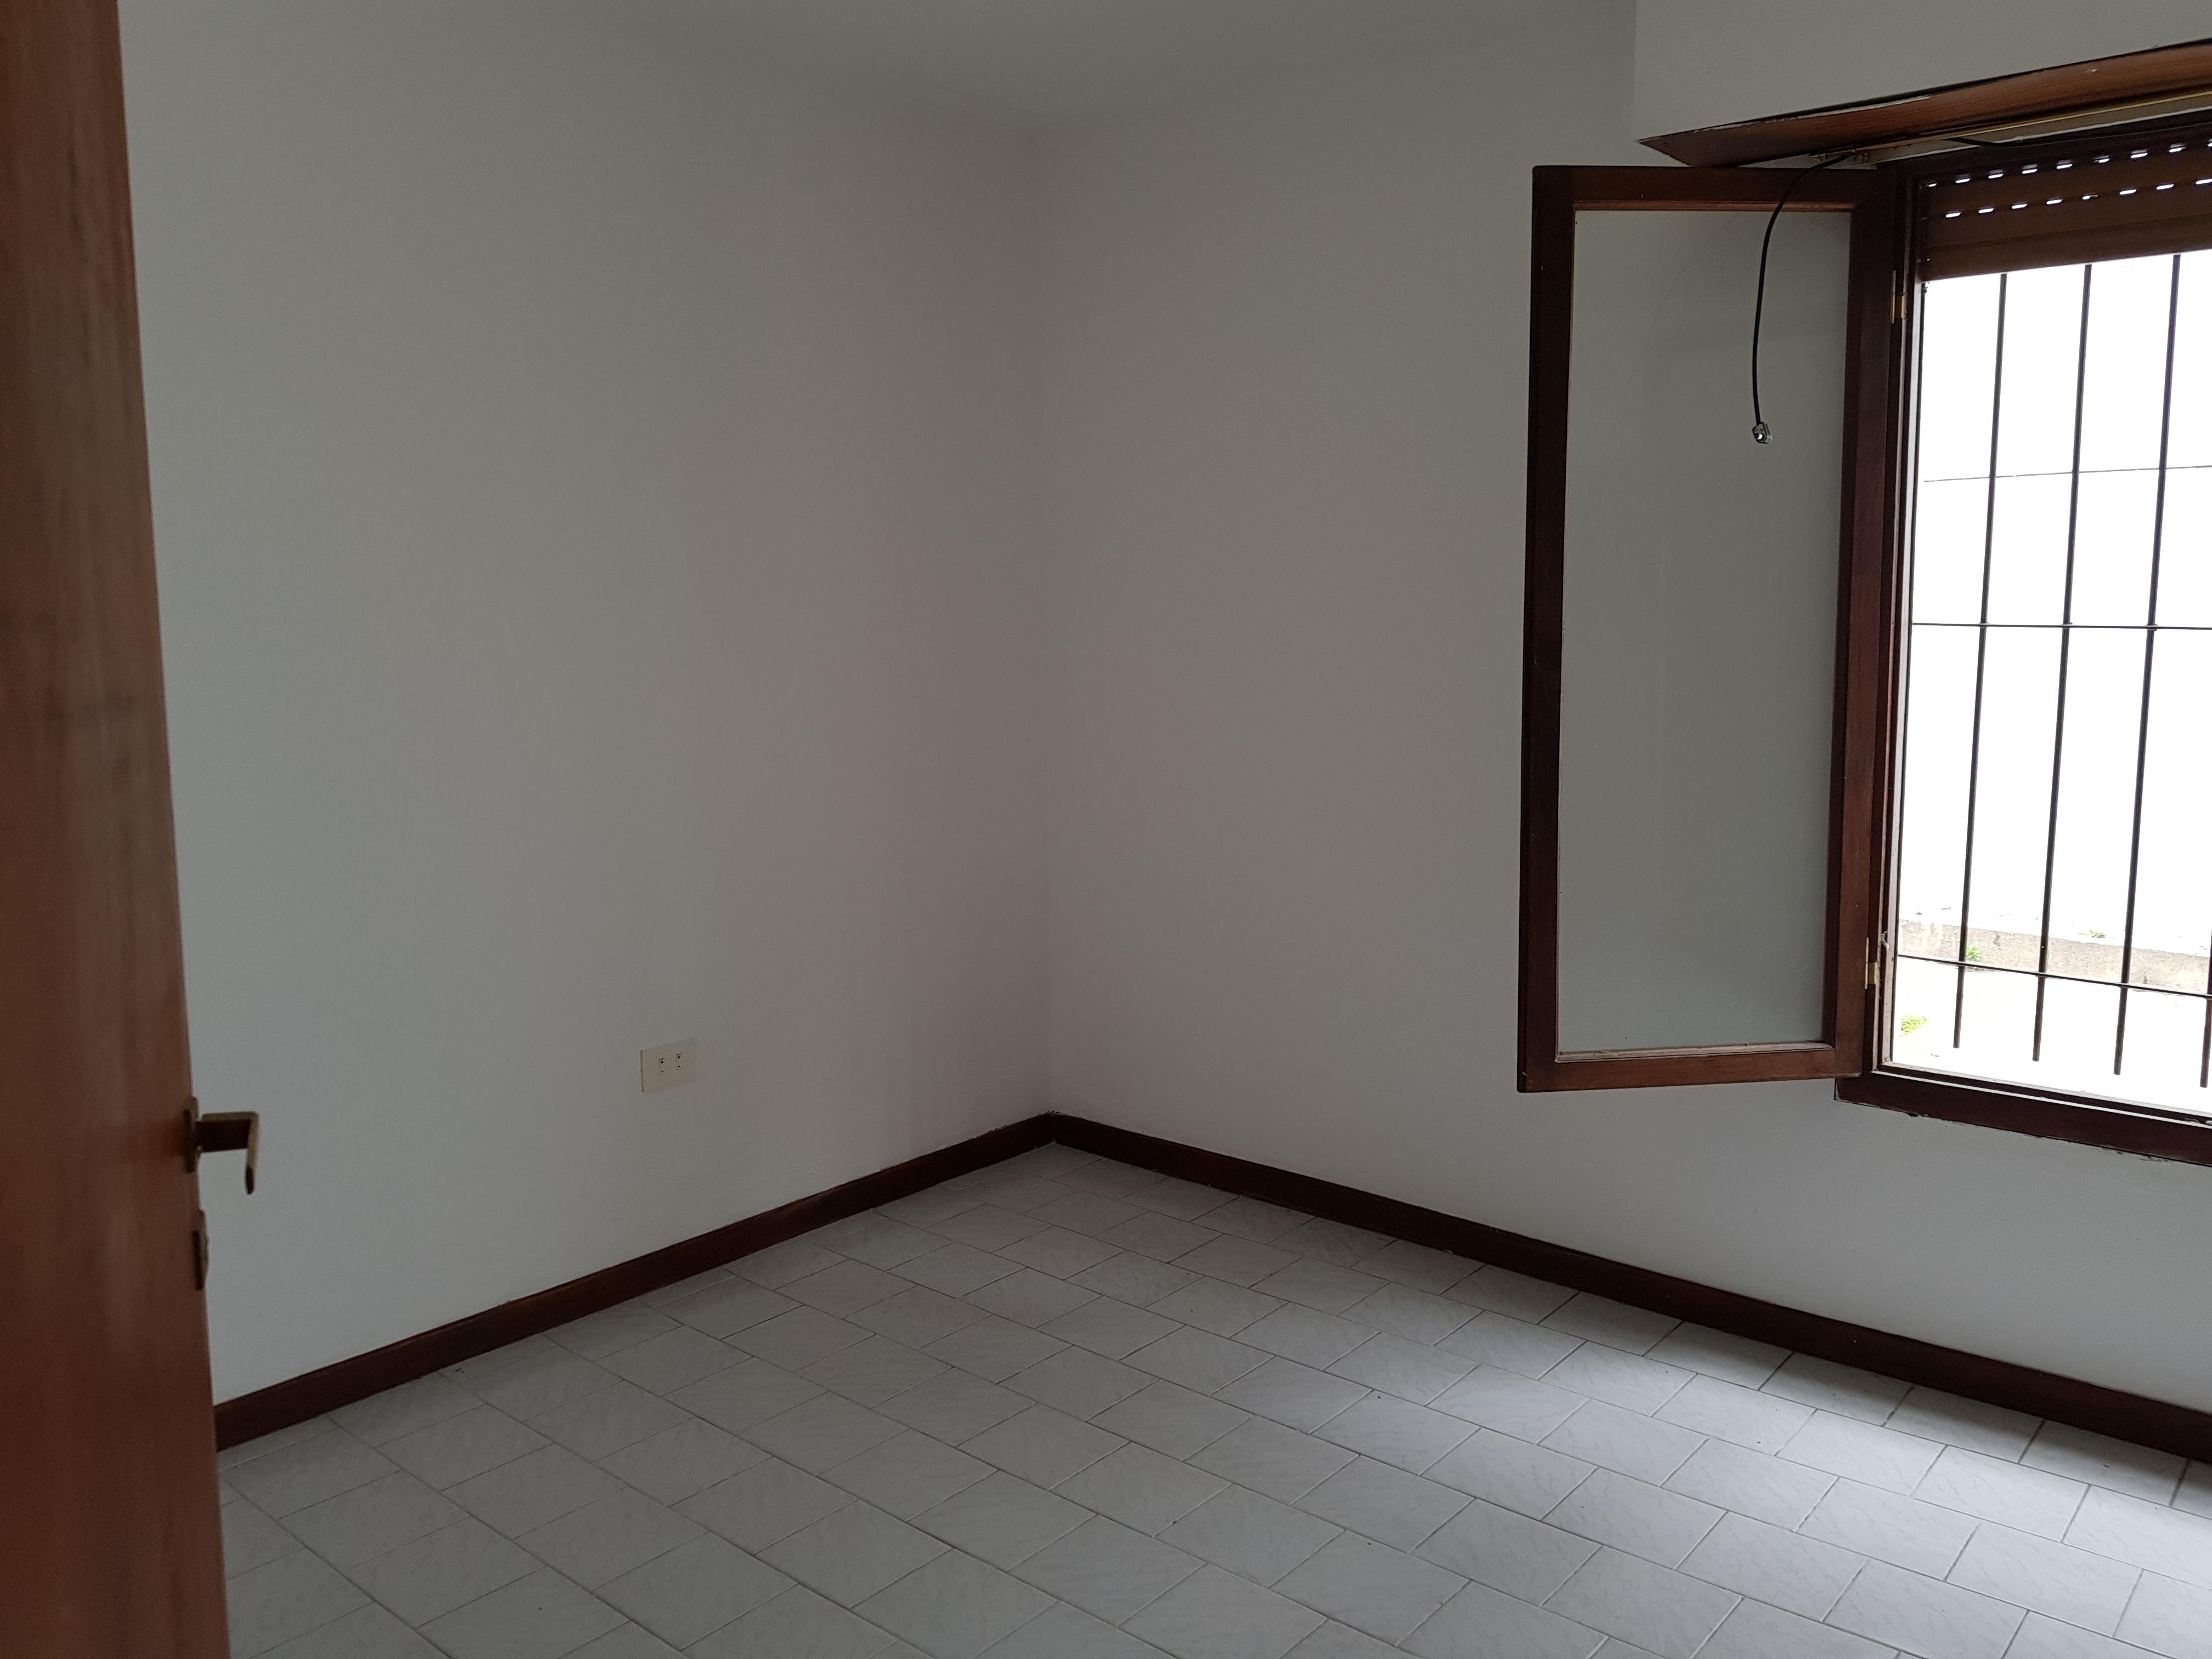 ventana_habitación